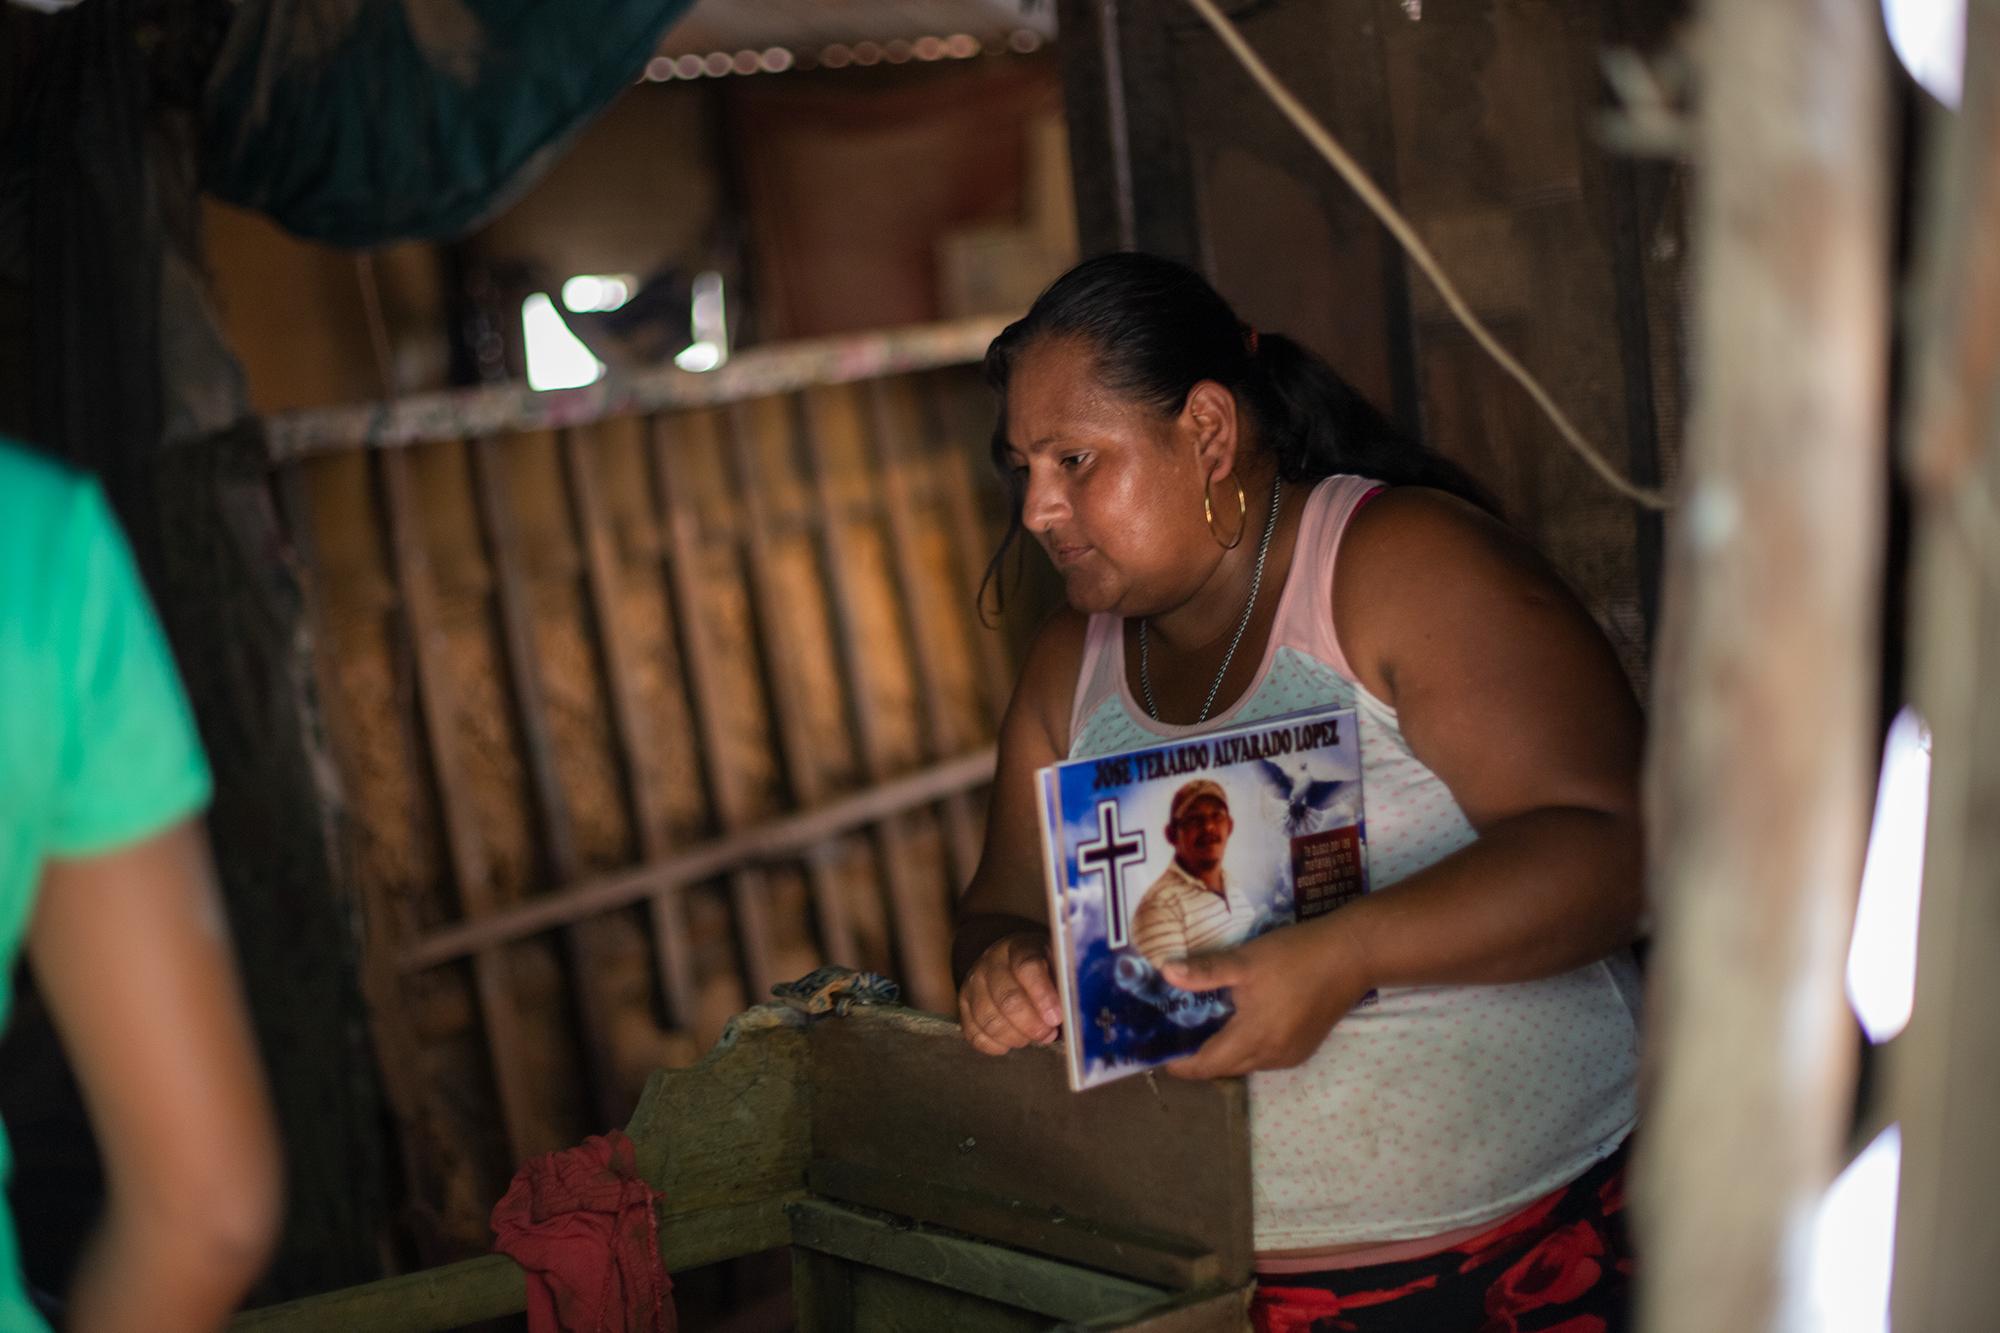 Jenny de 34, es madre soltera de tres hijas, ellas perdieron todas sus pertenencias producto de las lluvias de la tormenta tropical Eta en la colonia Canaán, donde viven se llenara de agua. Jenny ha vuelto solo para recuperar las fotos de su hijo y de su esposo —quienes eran carreteros—, asesinados hace un año. La Lima, Cortés, 13 de noviembre de 2020. Foto: Martín Cálix.